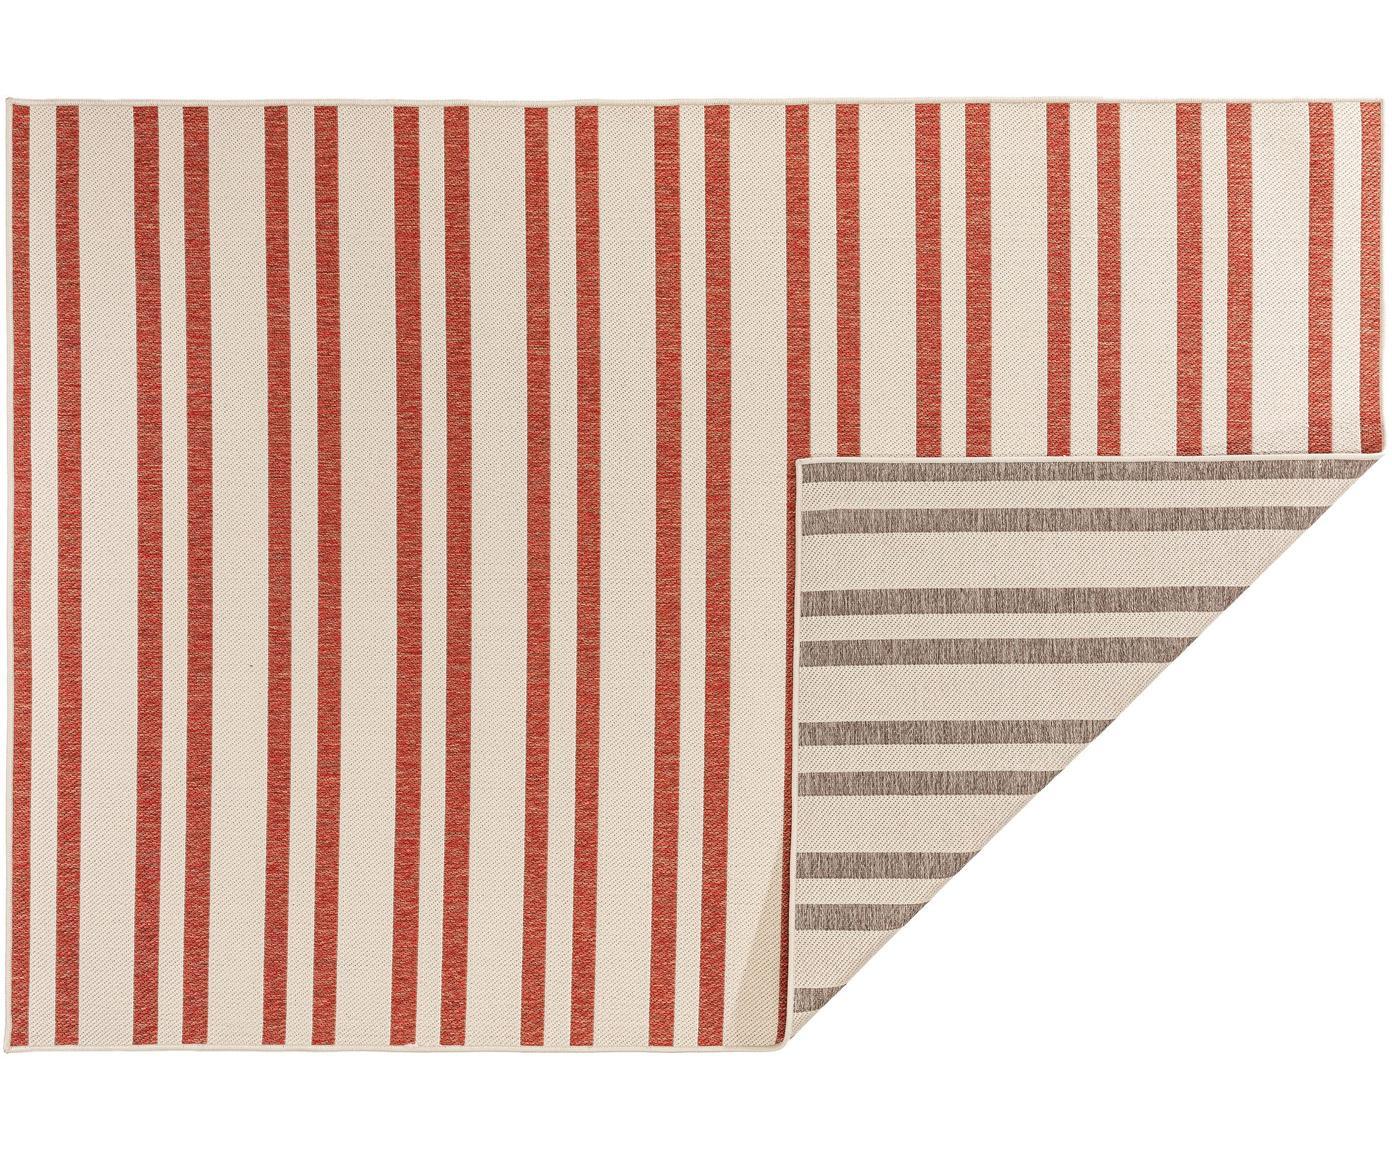 Tappeto a righe da interno-esterno Terrazzo, Polipropilene, Beige, rosso, Larg. 120 x Lung. 180 cm (taglia S)